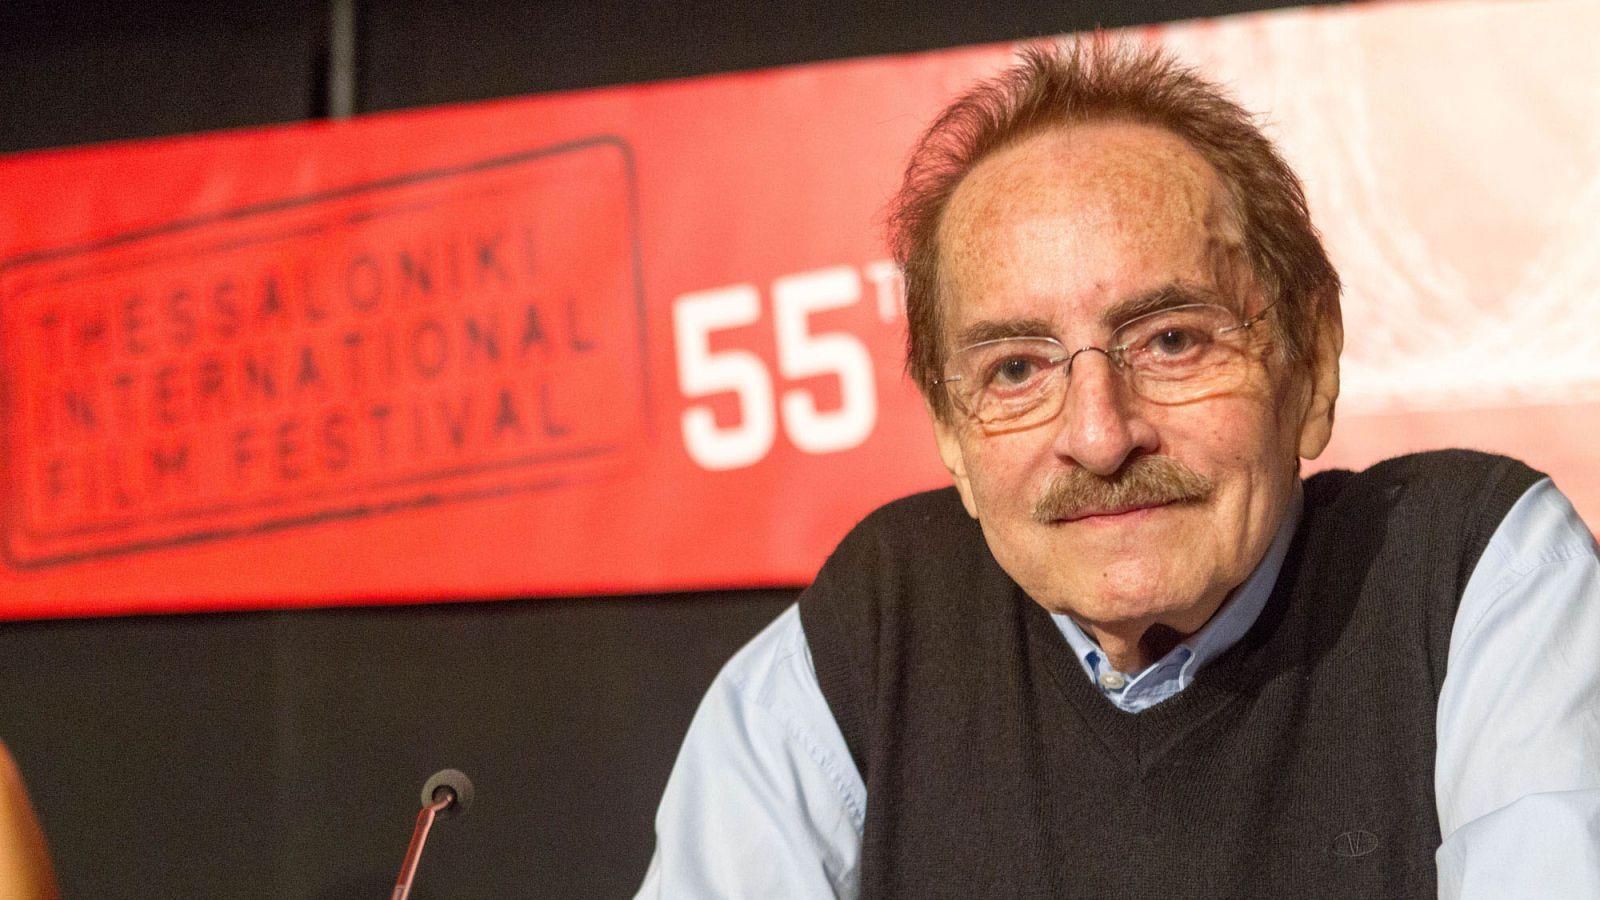 Δημήτρης Εϊπίδης: Πέθανε ο ιδρυτής του Φεστιβάλ Ντοκιμαντέρ Θεσσαλονίκης